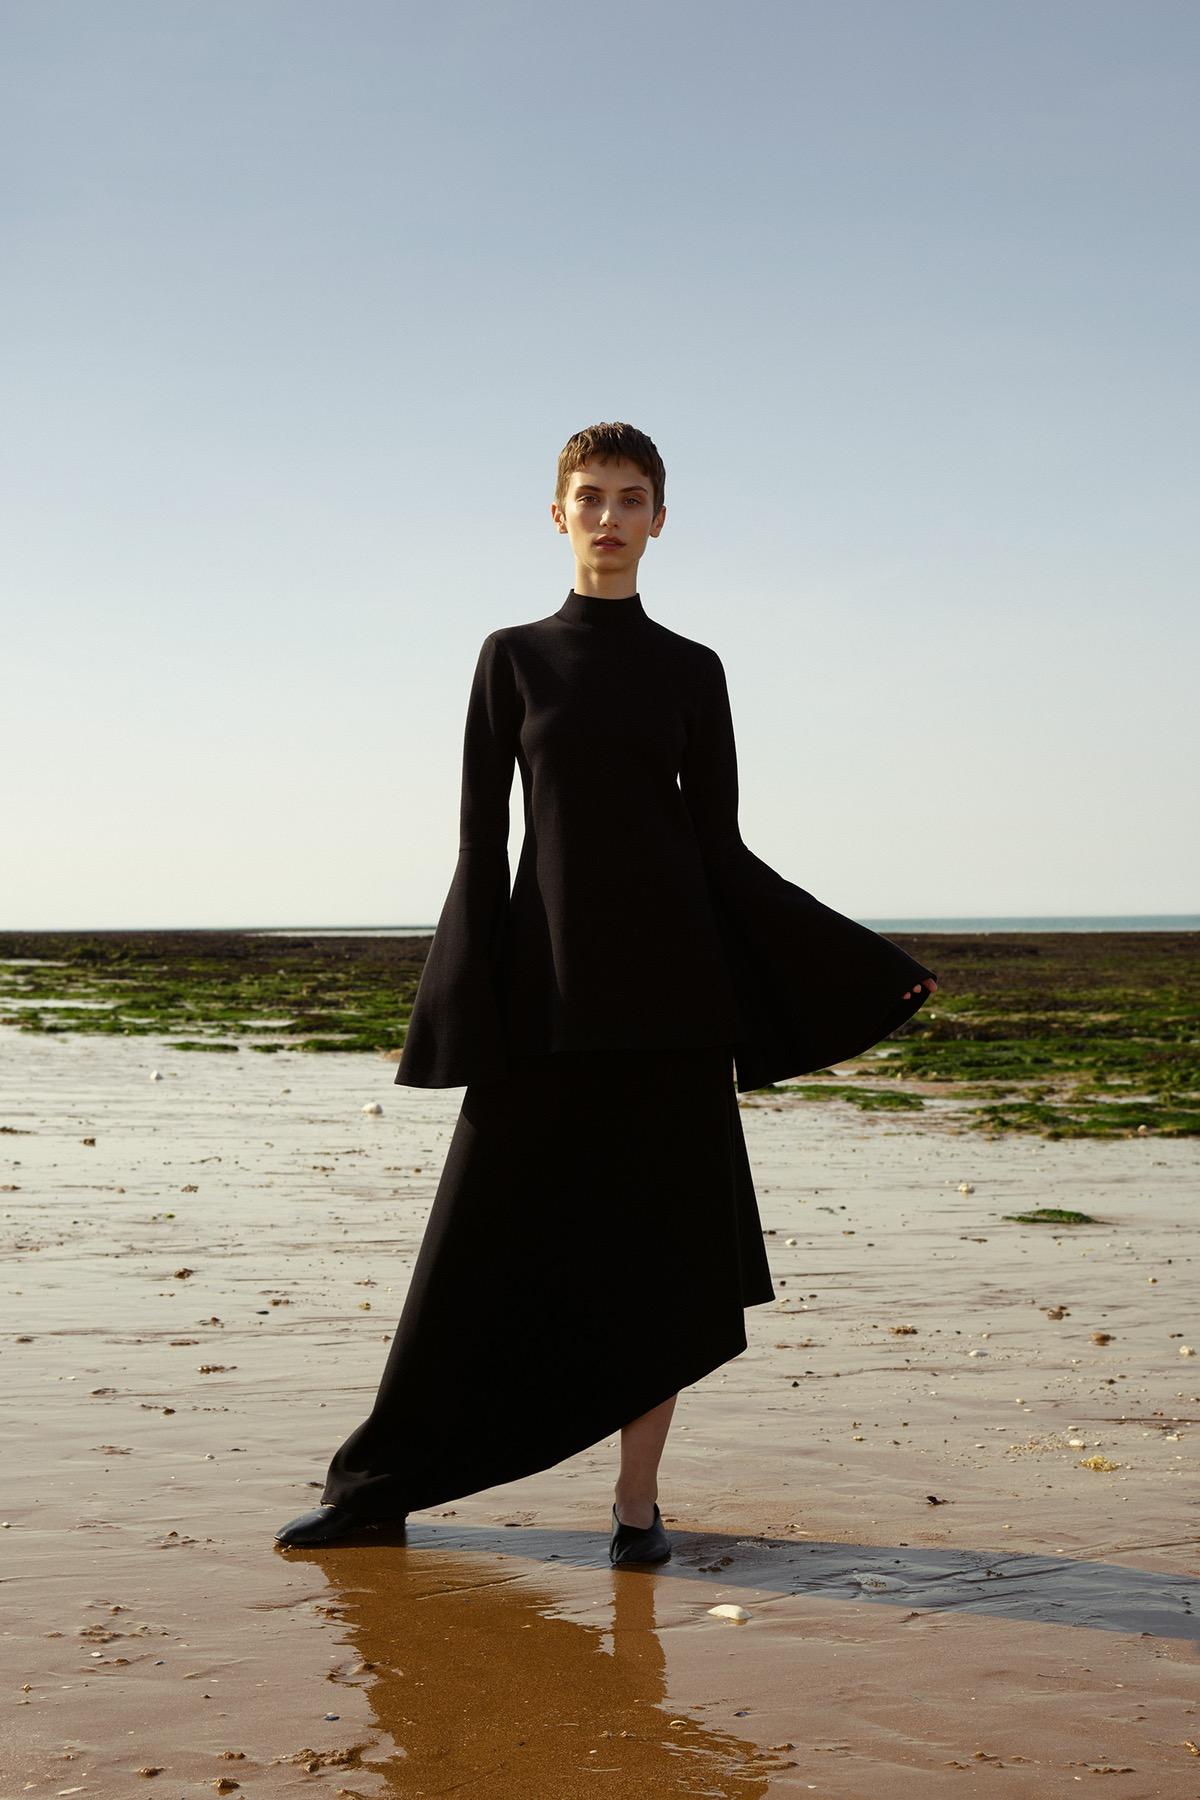 Pringle Cruise 2018, image via The Business Of Fashion